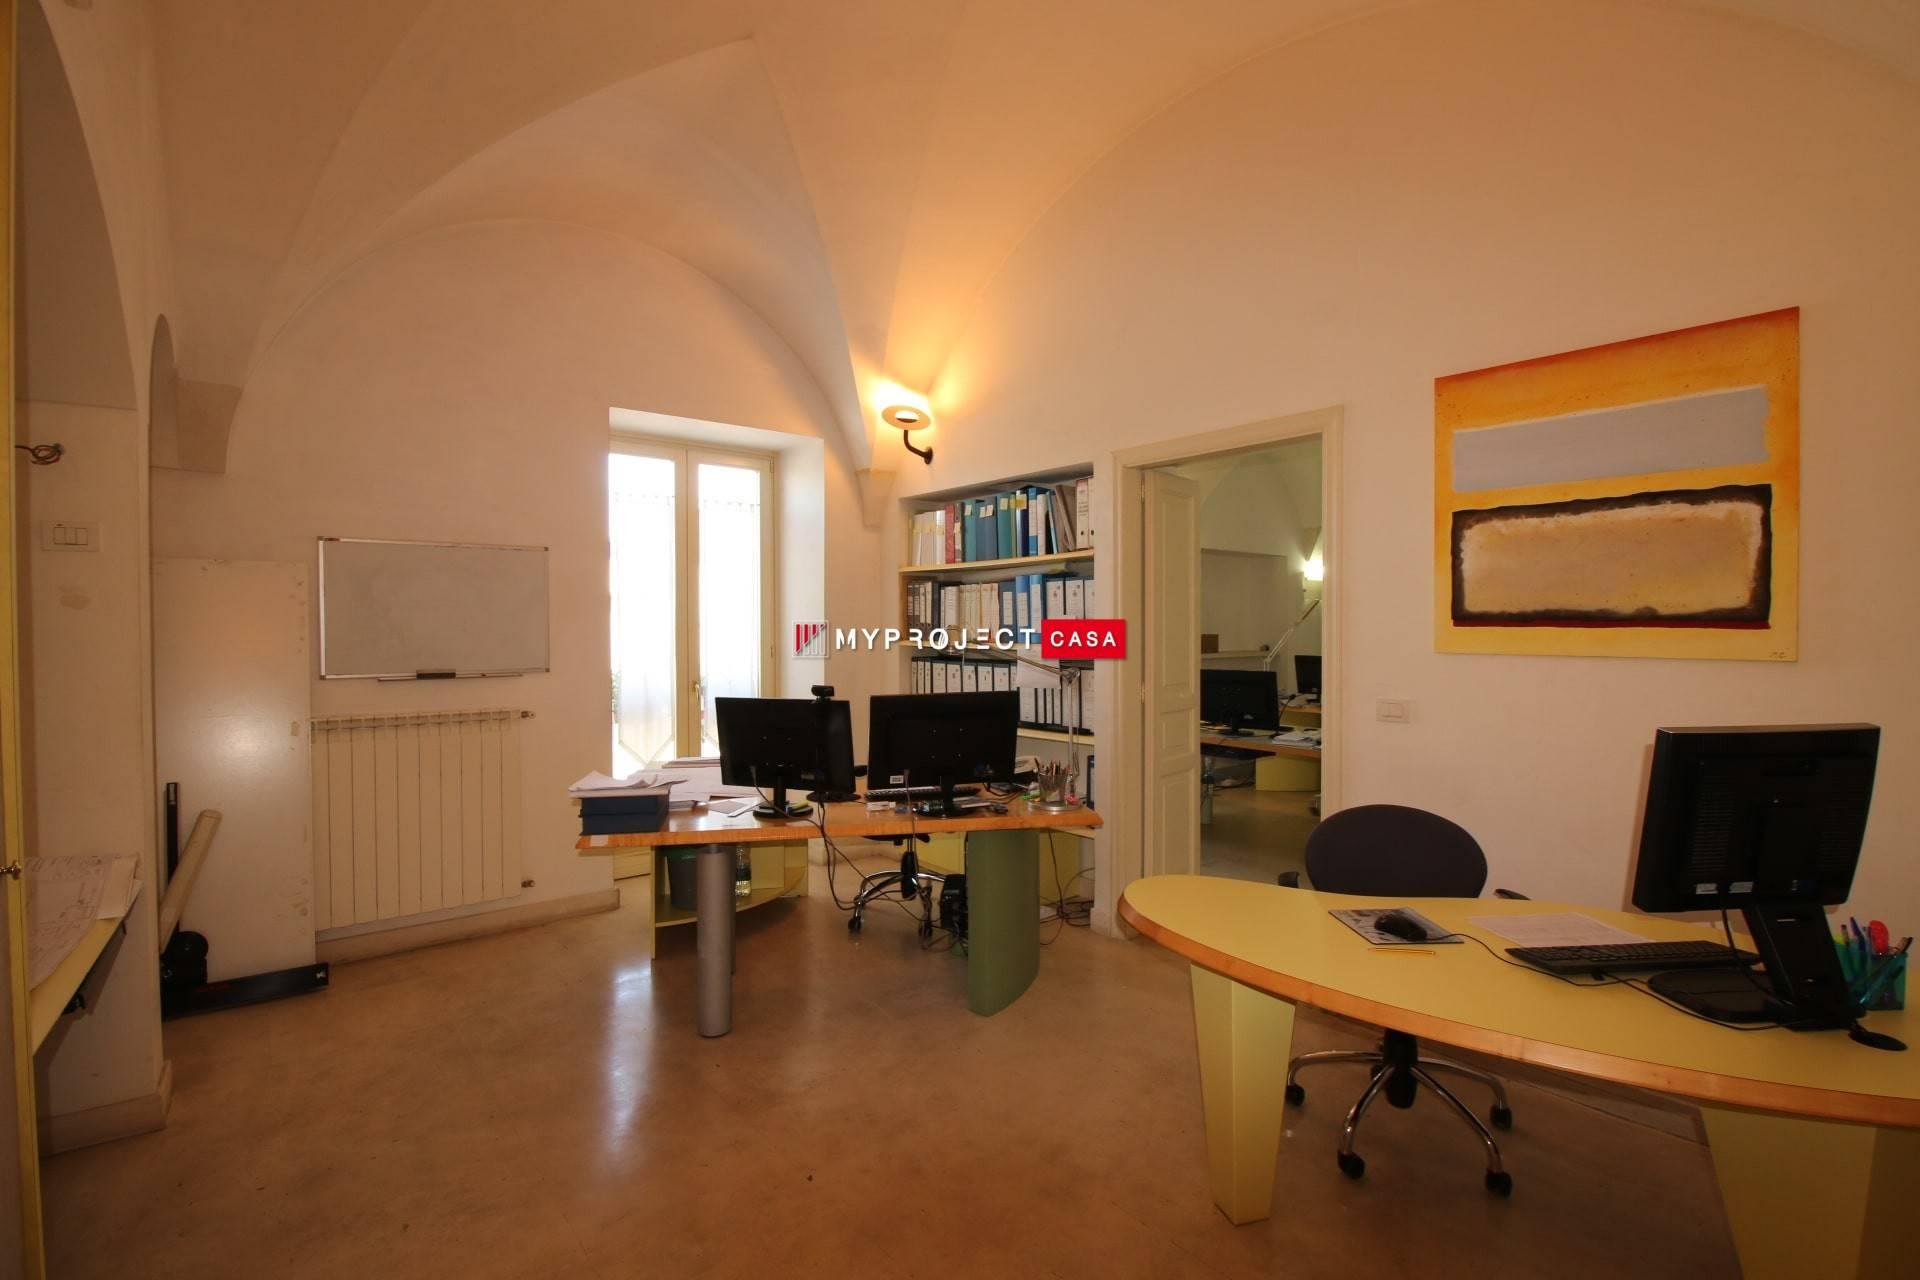 Camera 1 secondo piano